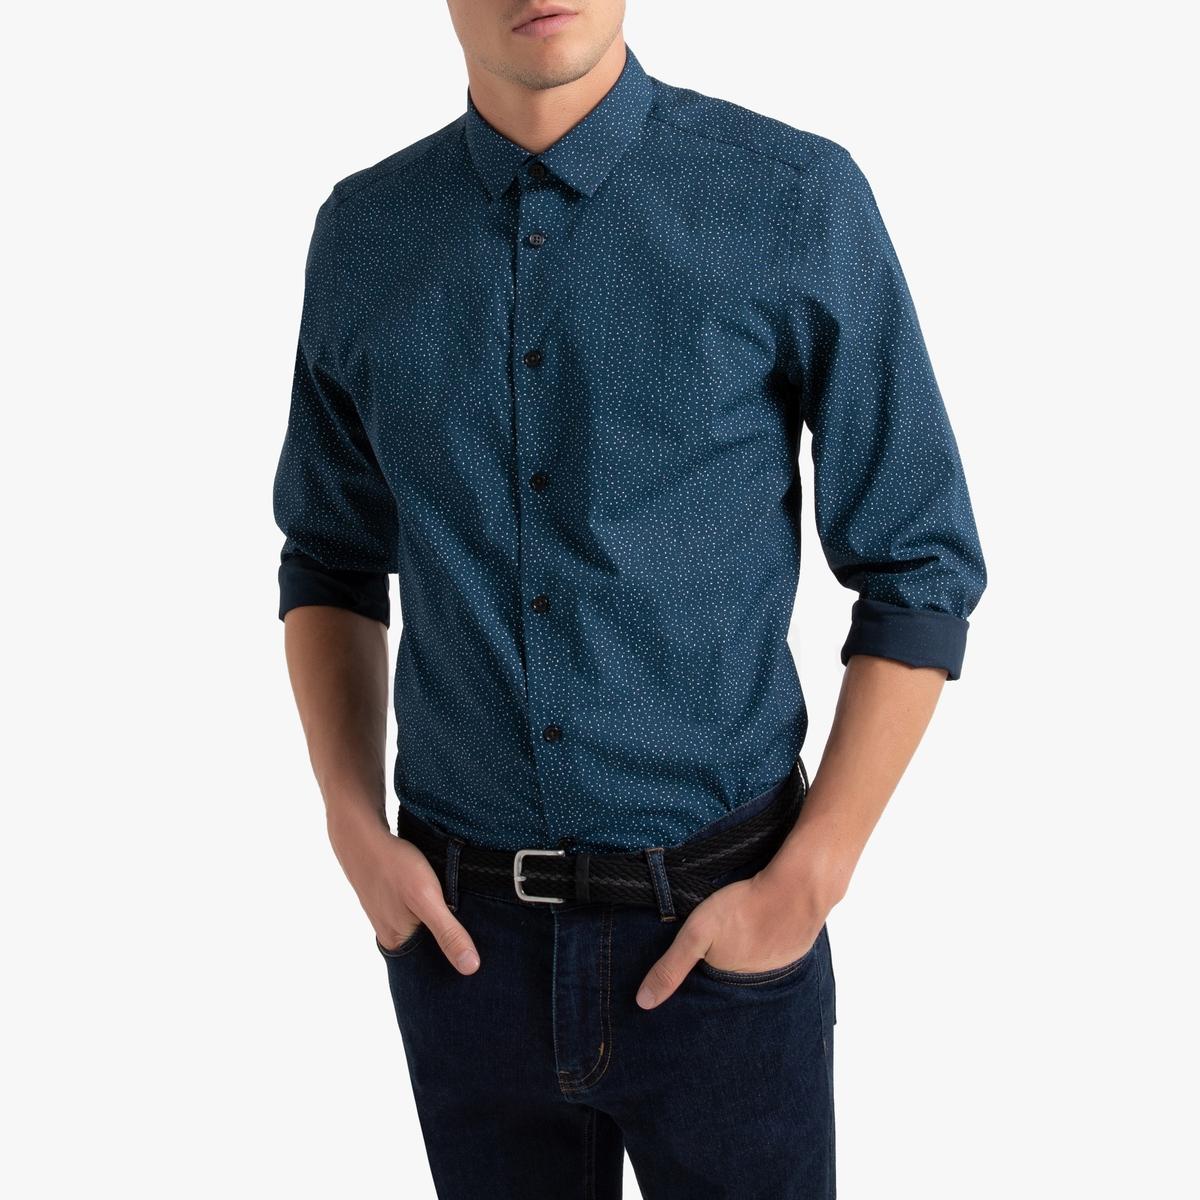 Camisa slim estampada, mangas compridas